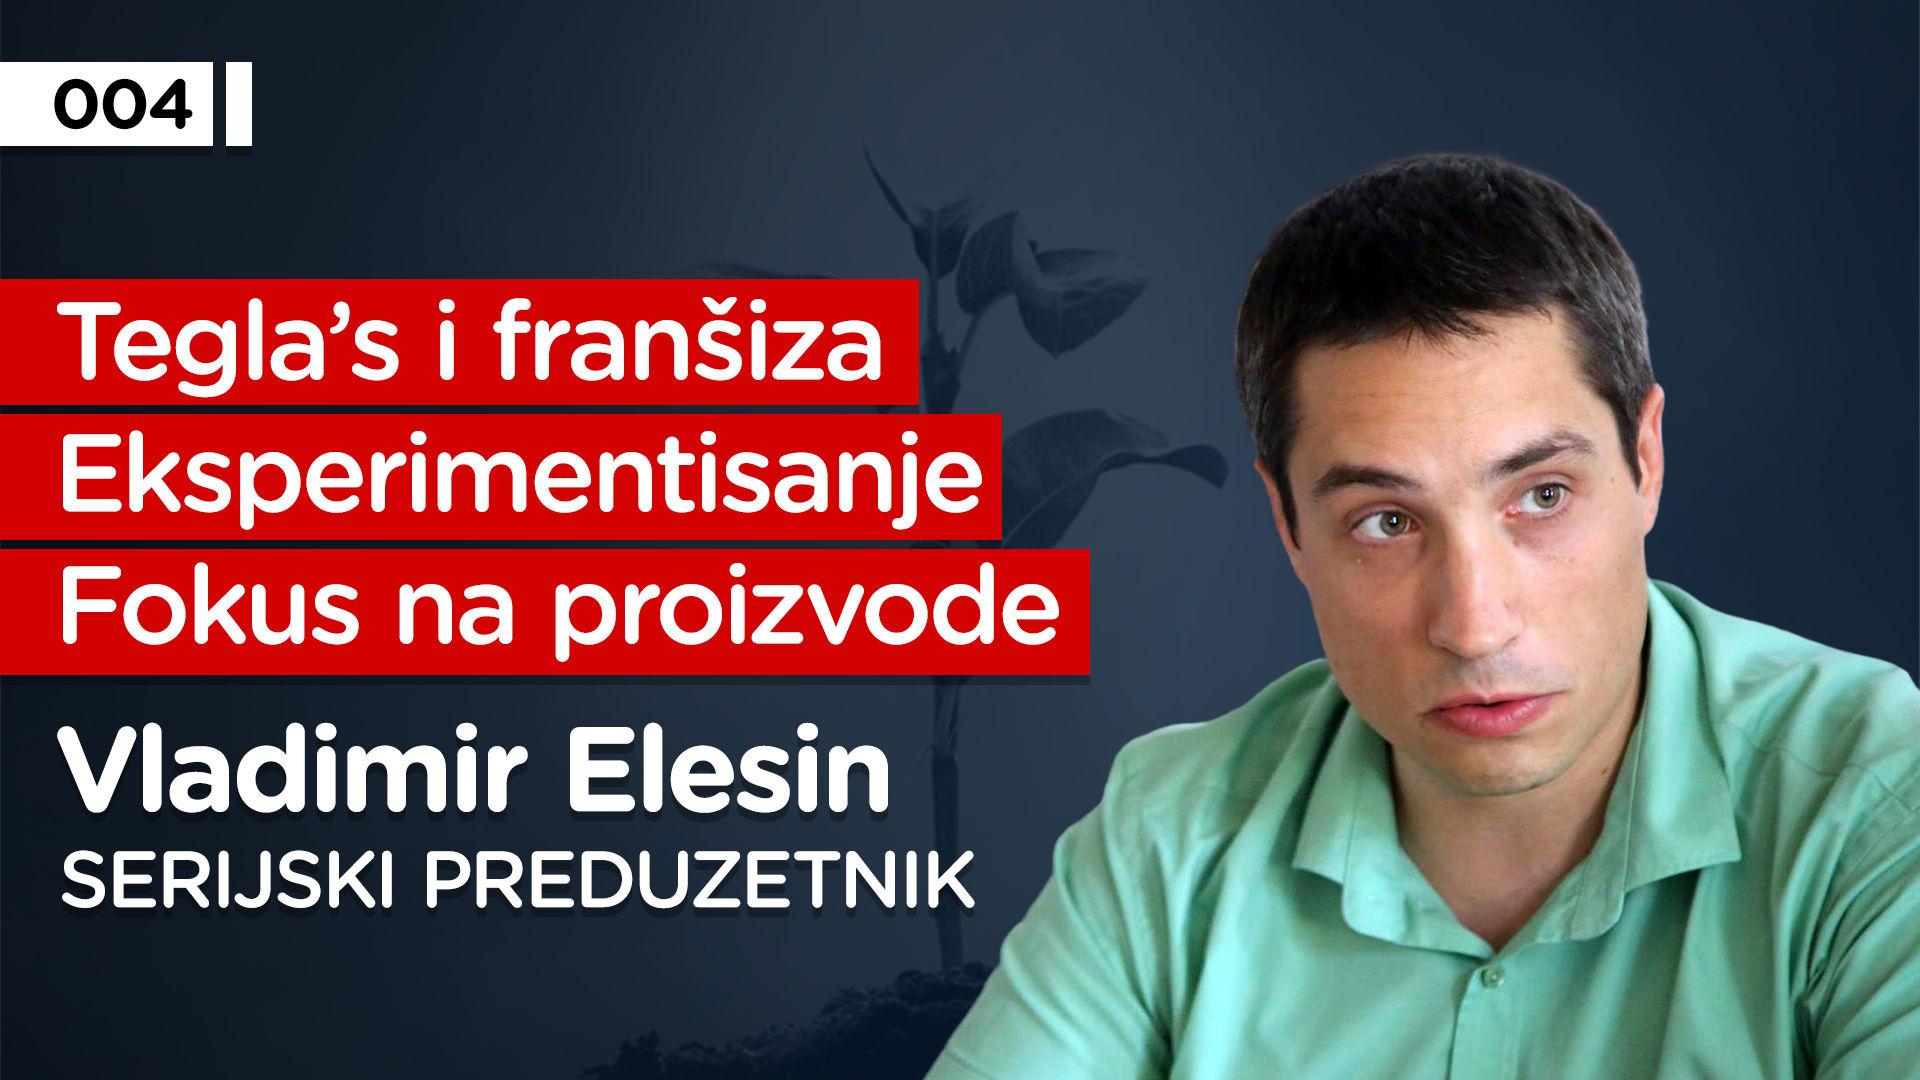 EP004: Vladimir Elesin